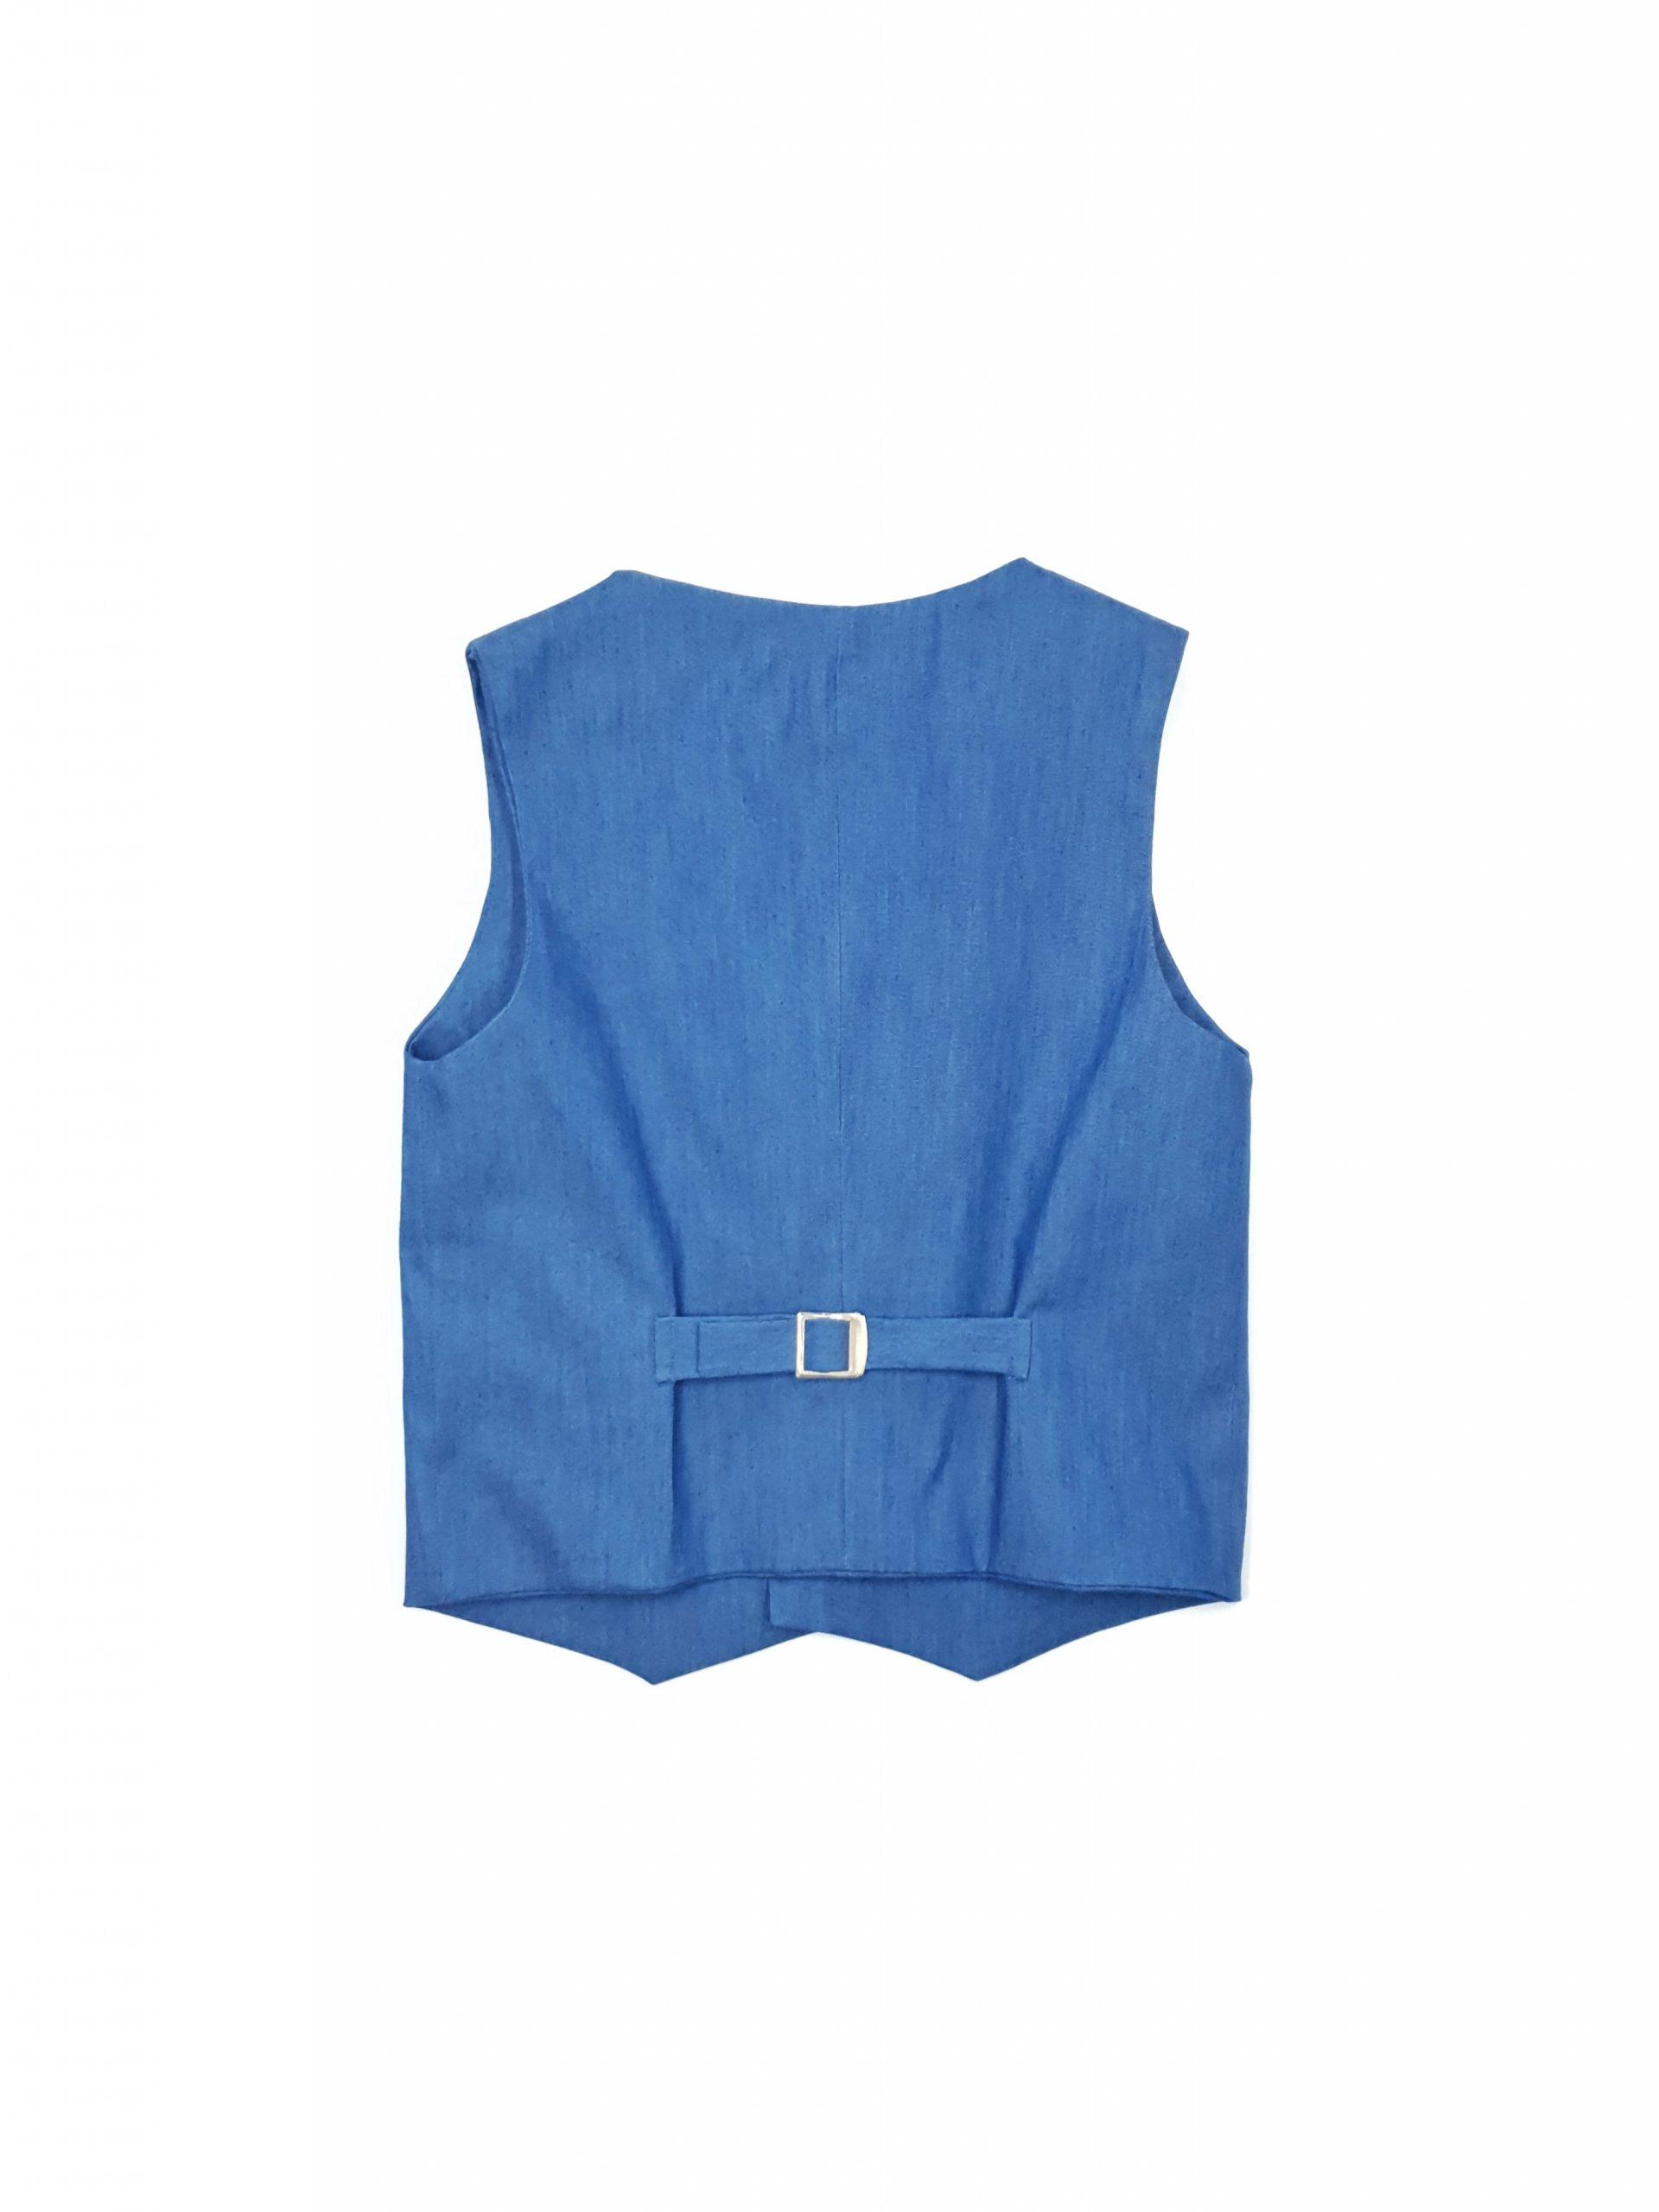 Elegant blue denim vest for kid boys